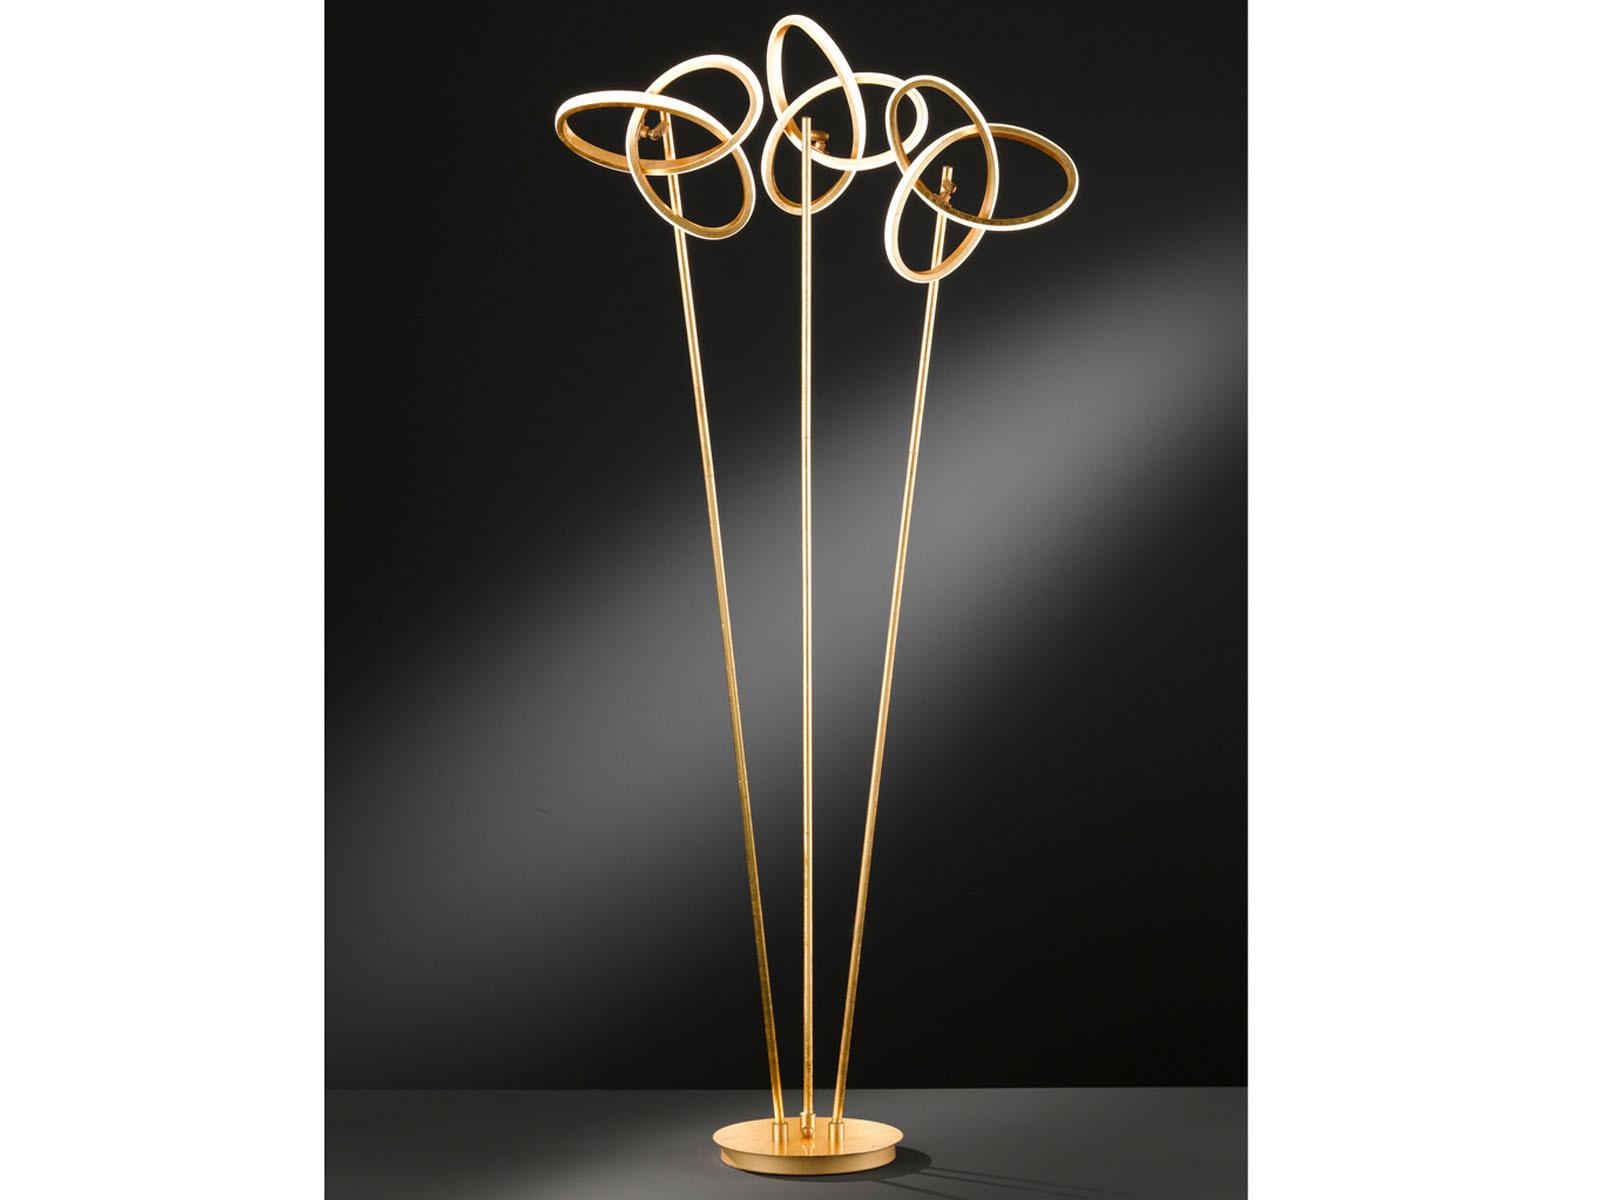 Standleuchte in in in Goldfarben Höhe 140cm 39W LED verstellbar - Esszimmerleuchten  | Online-verkauf  5d3e48